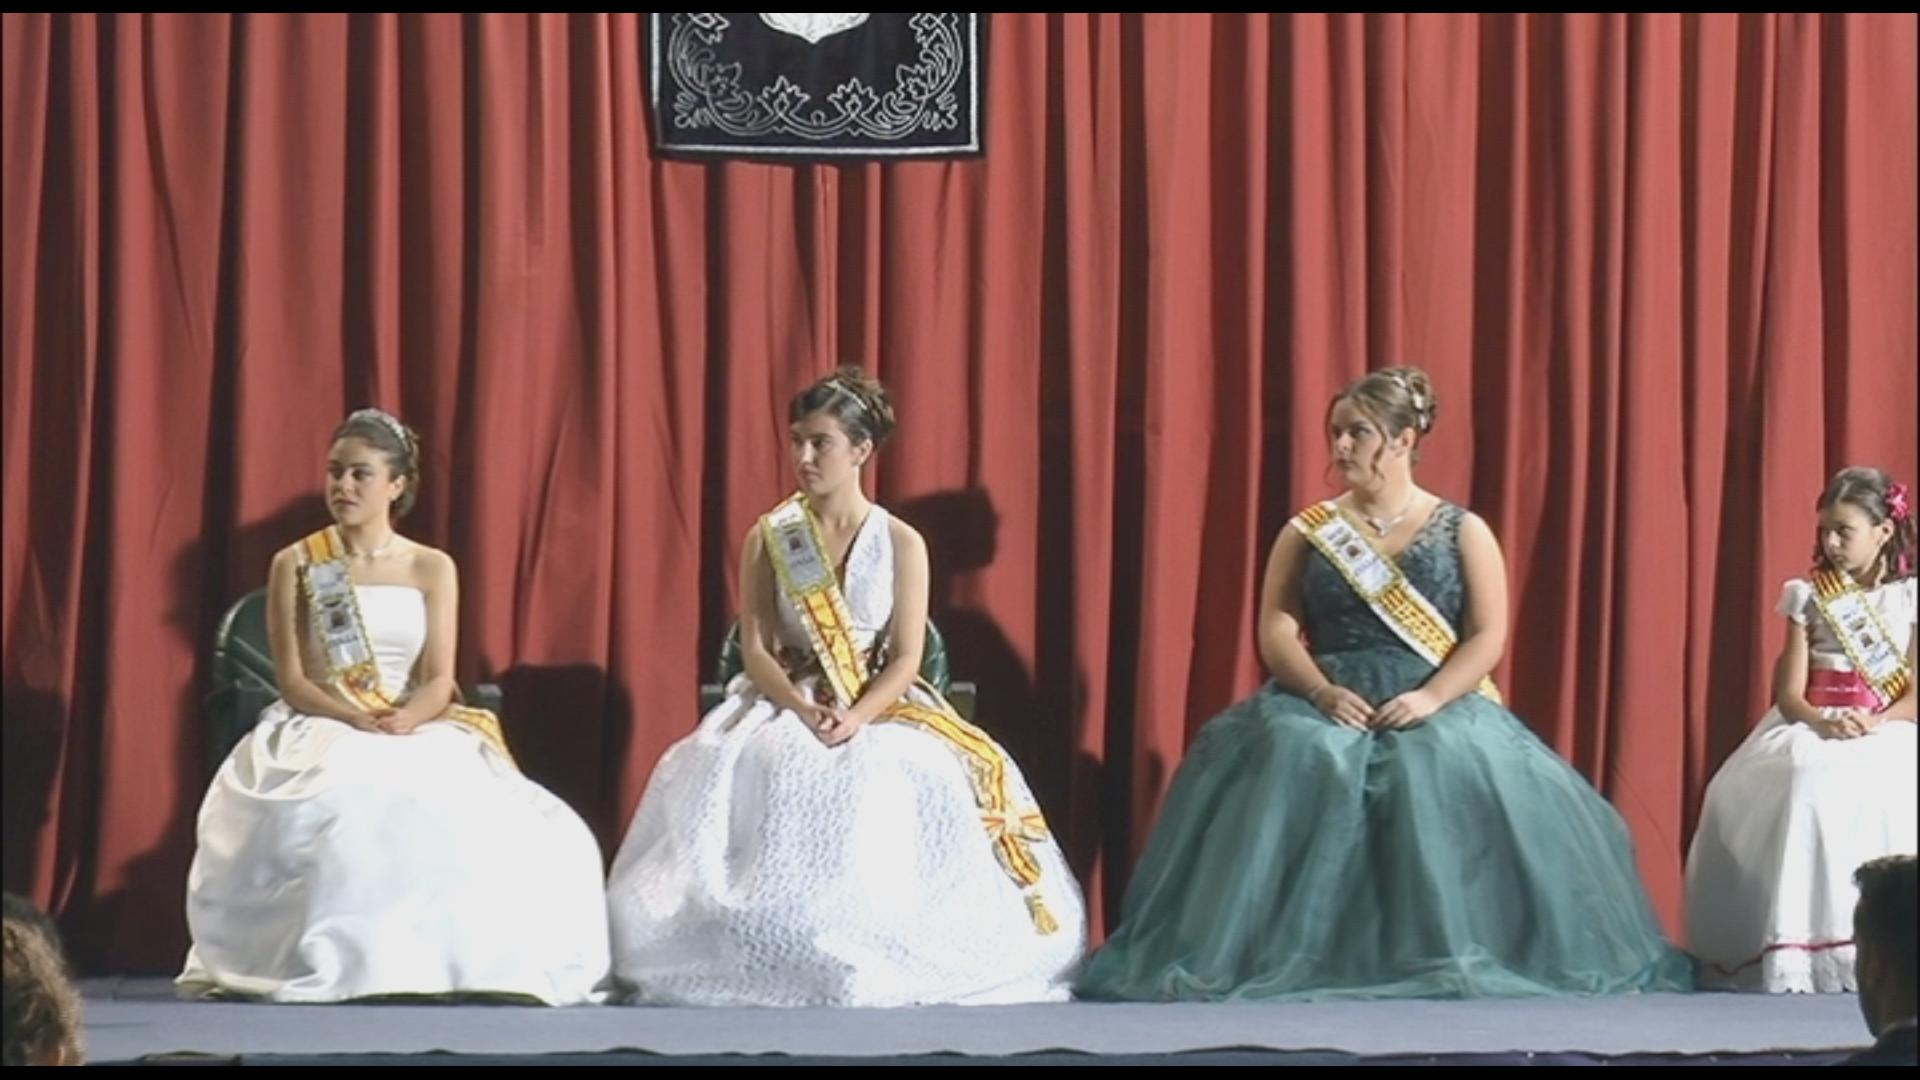 Culla, presentació de les regines i dames de les Festes Patronals